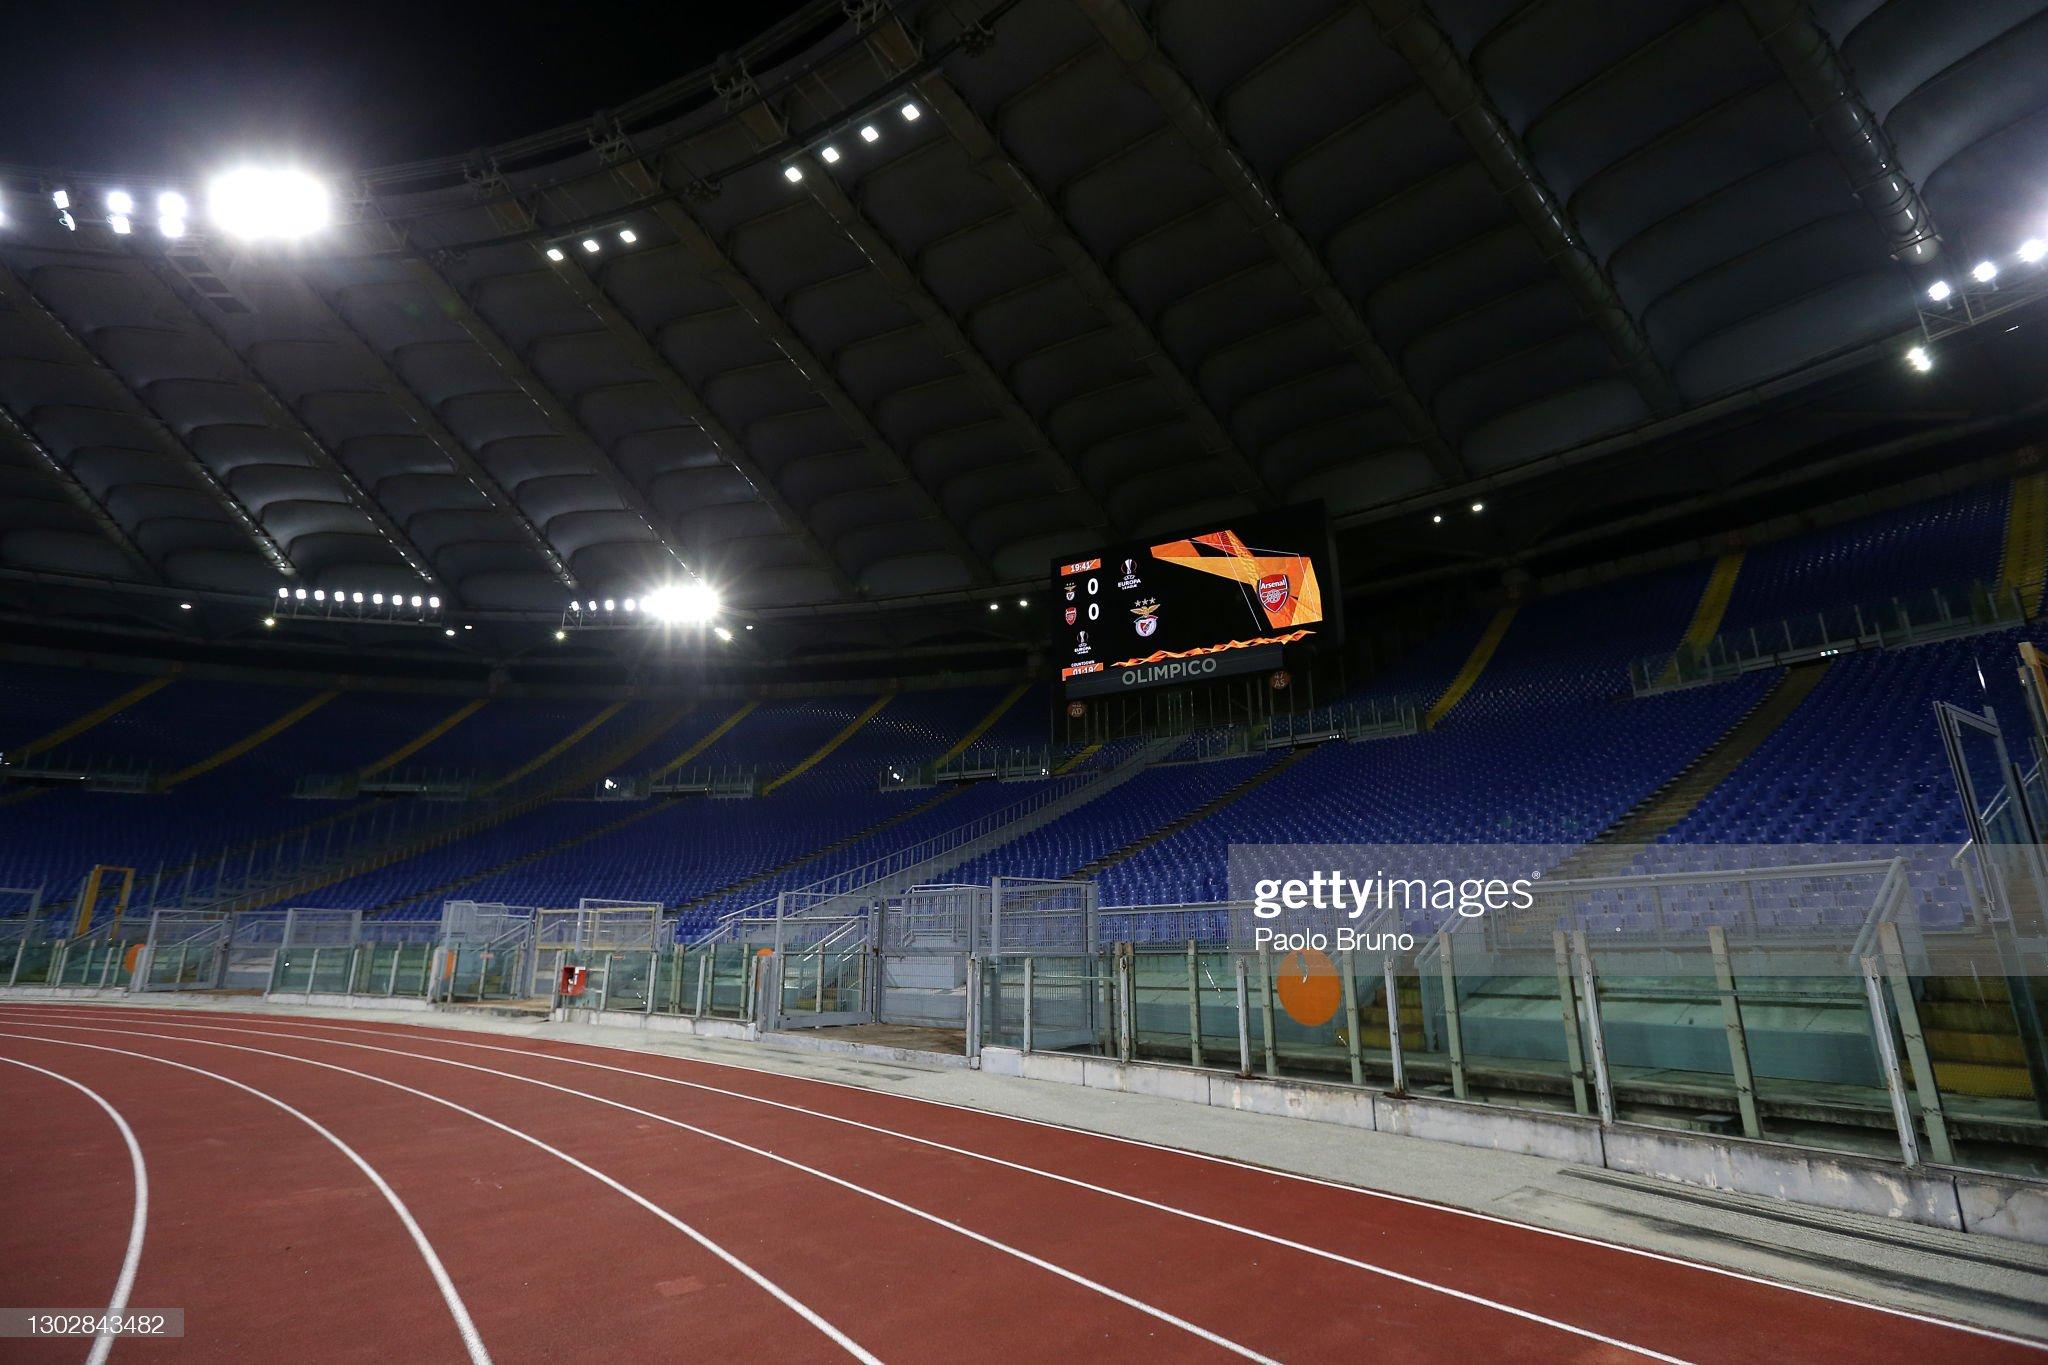 Lazio vs Bayern Munich Preview, prediction and odds